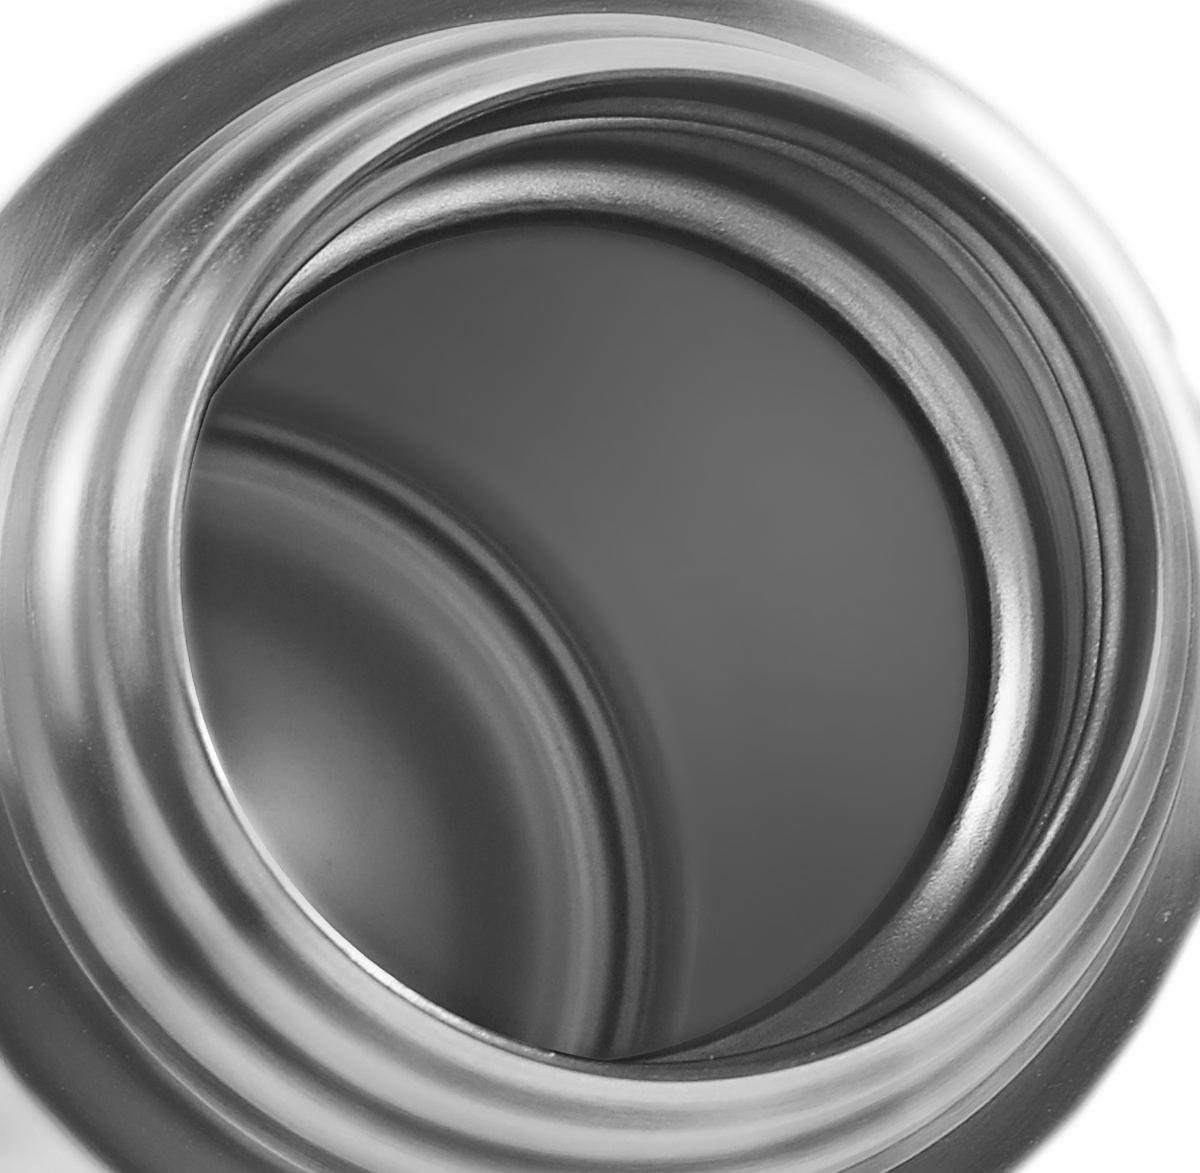 Термос Aladdin Aveo Vacuum Flask (0.47 литра) стальной